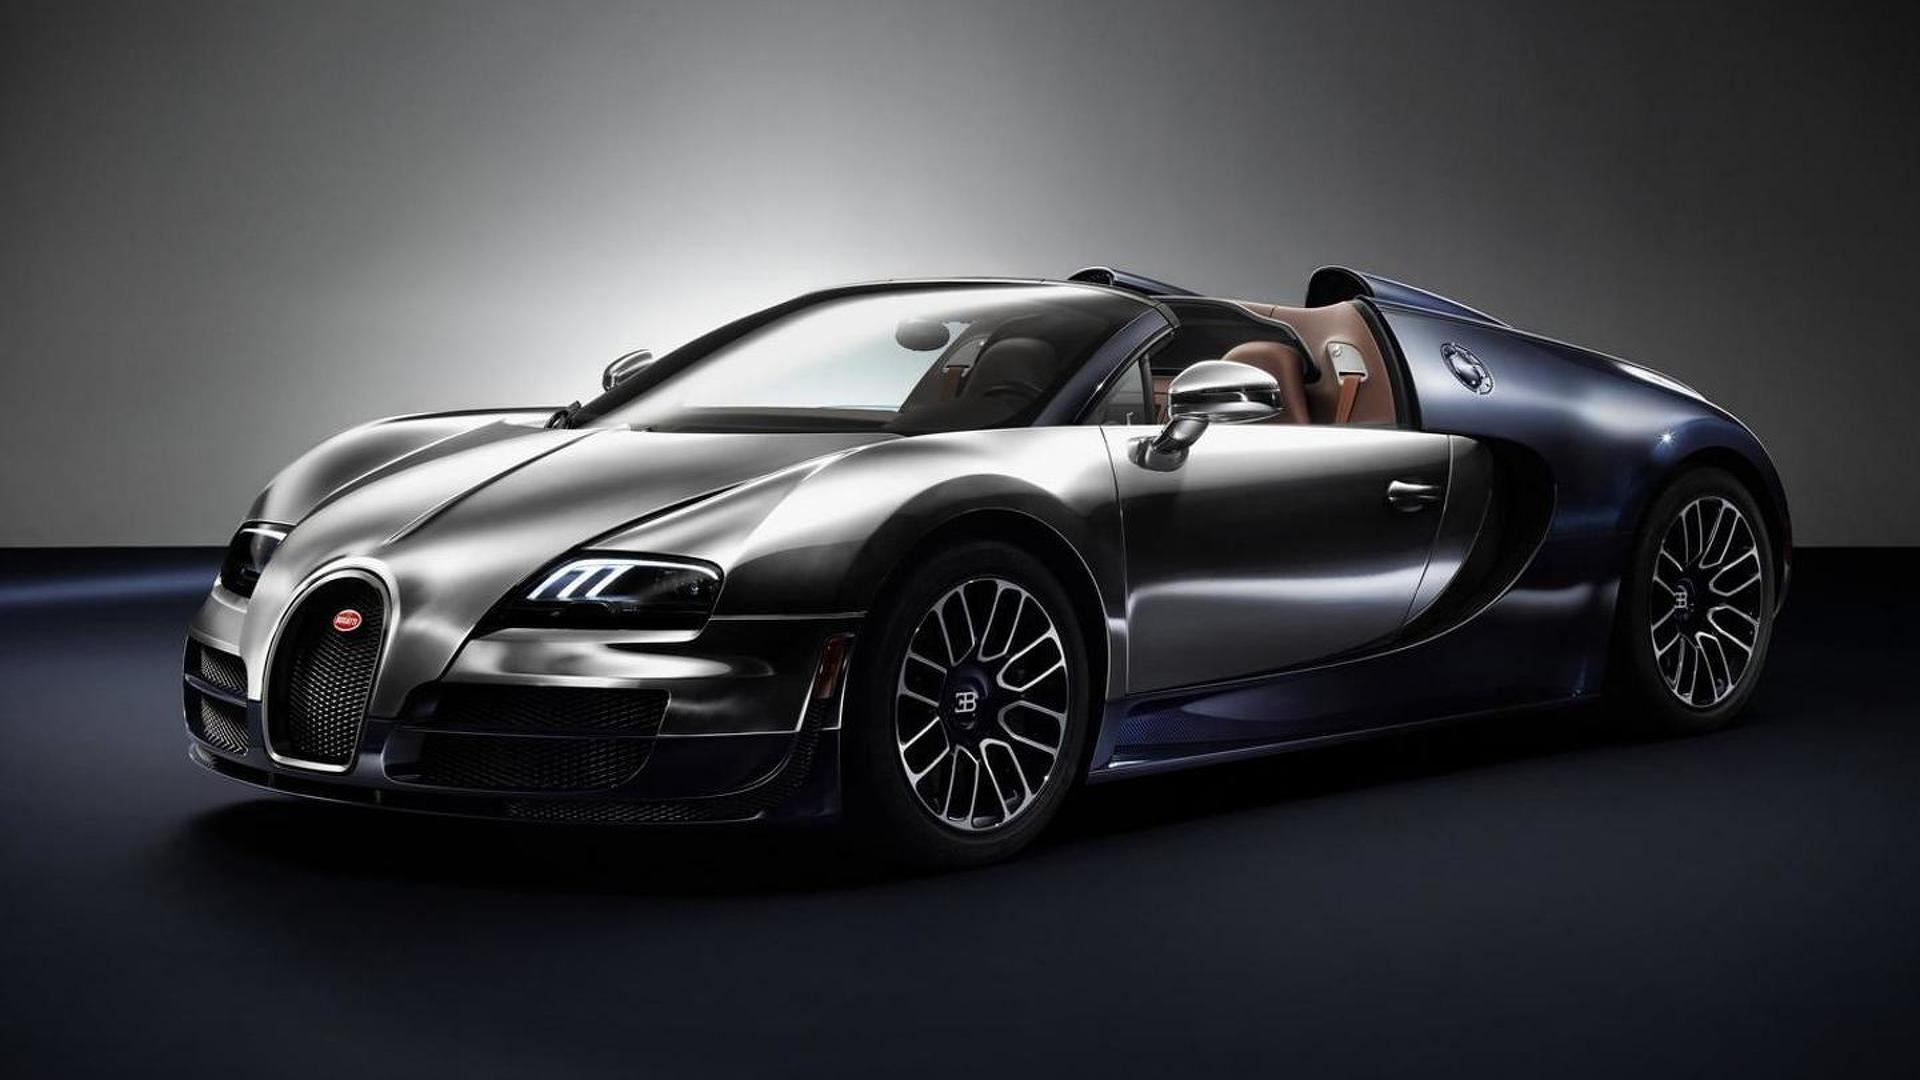 2014-493292-bugatti-veyron-ettore-bugatti-special-edition1 Cozy Bugatti Veyron Rembrandt Edition Price Cars Trend